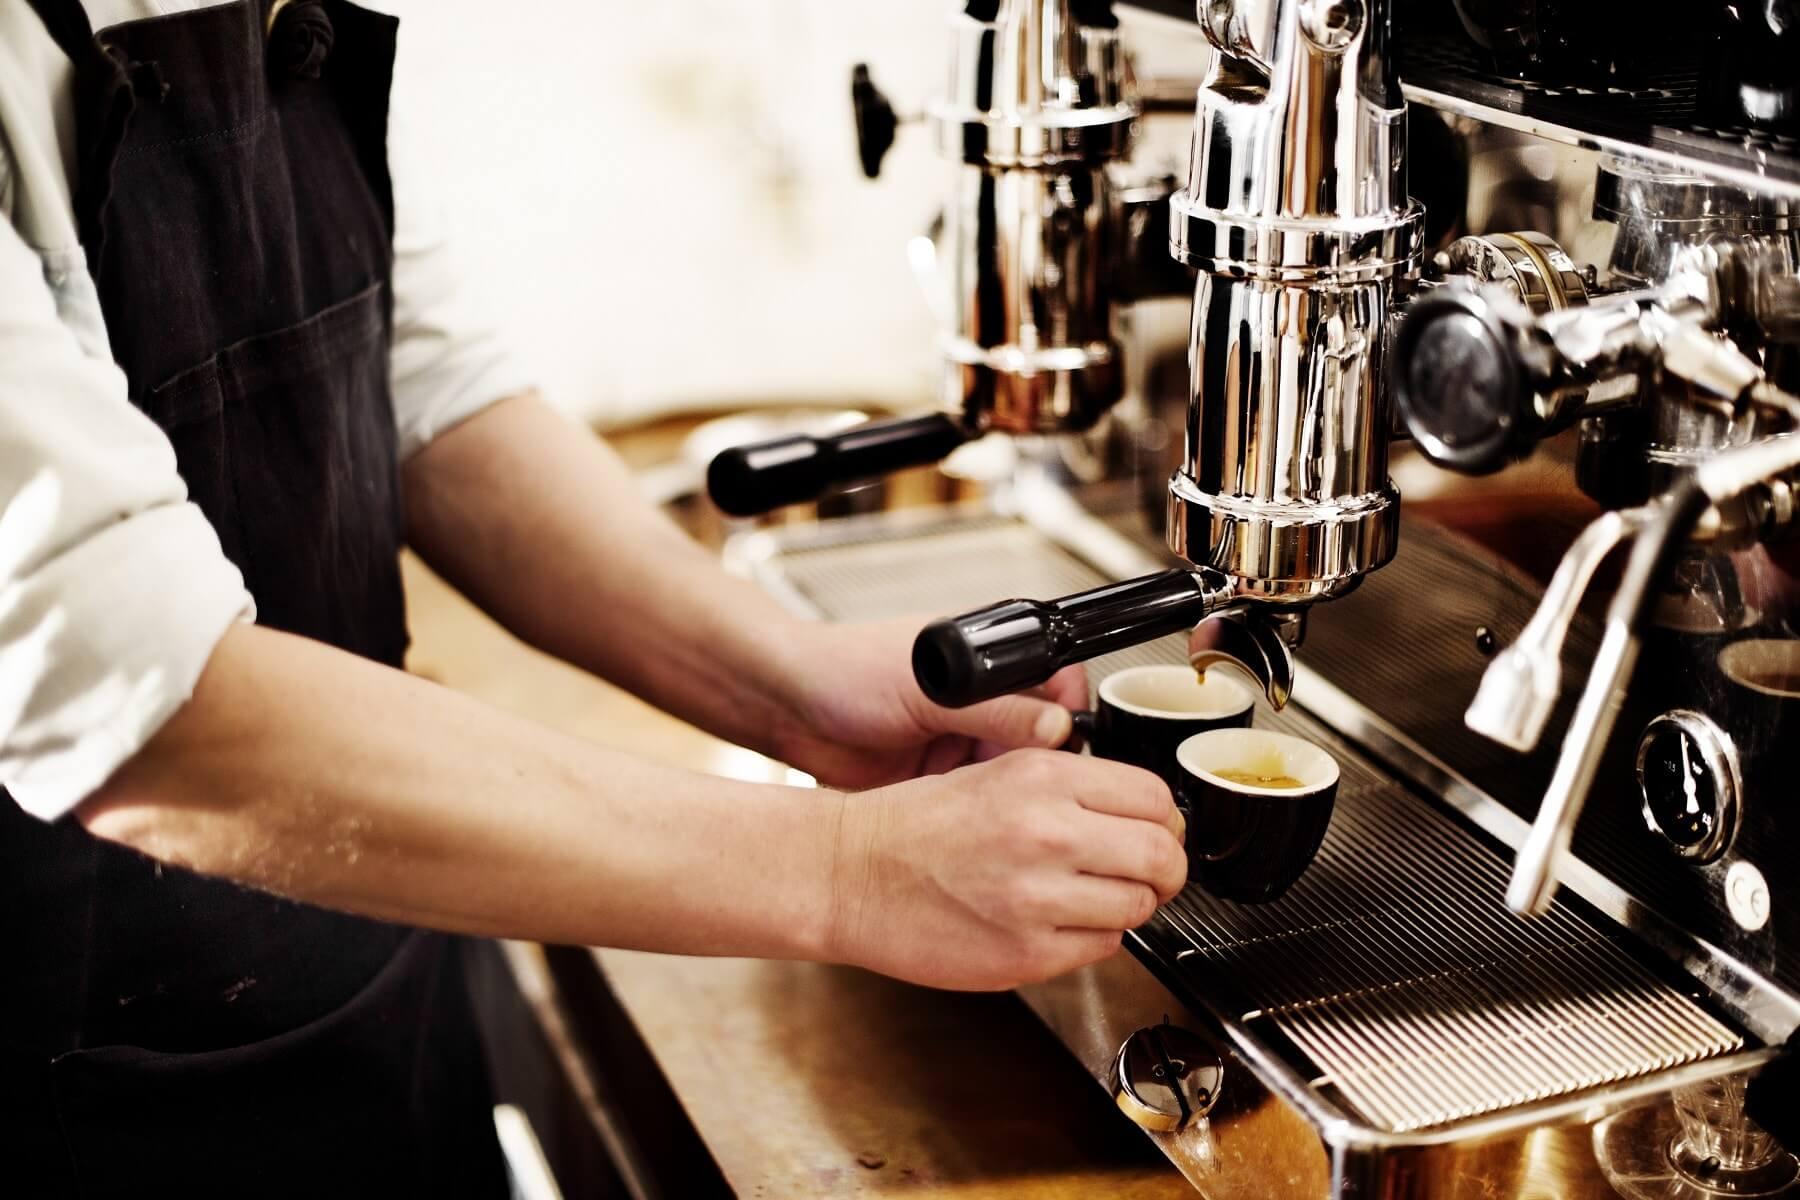 Serveur dans un café - Luxembourg Ville